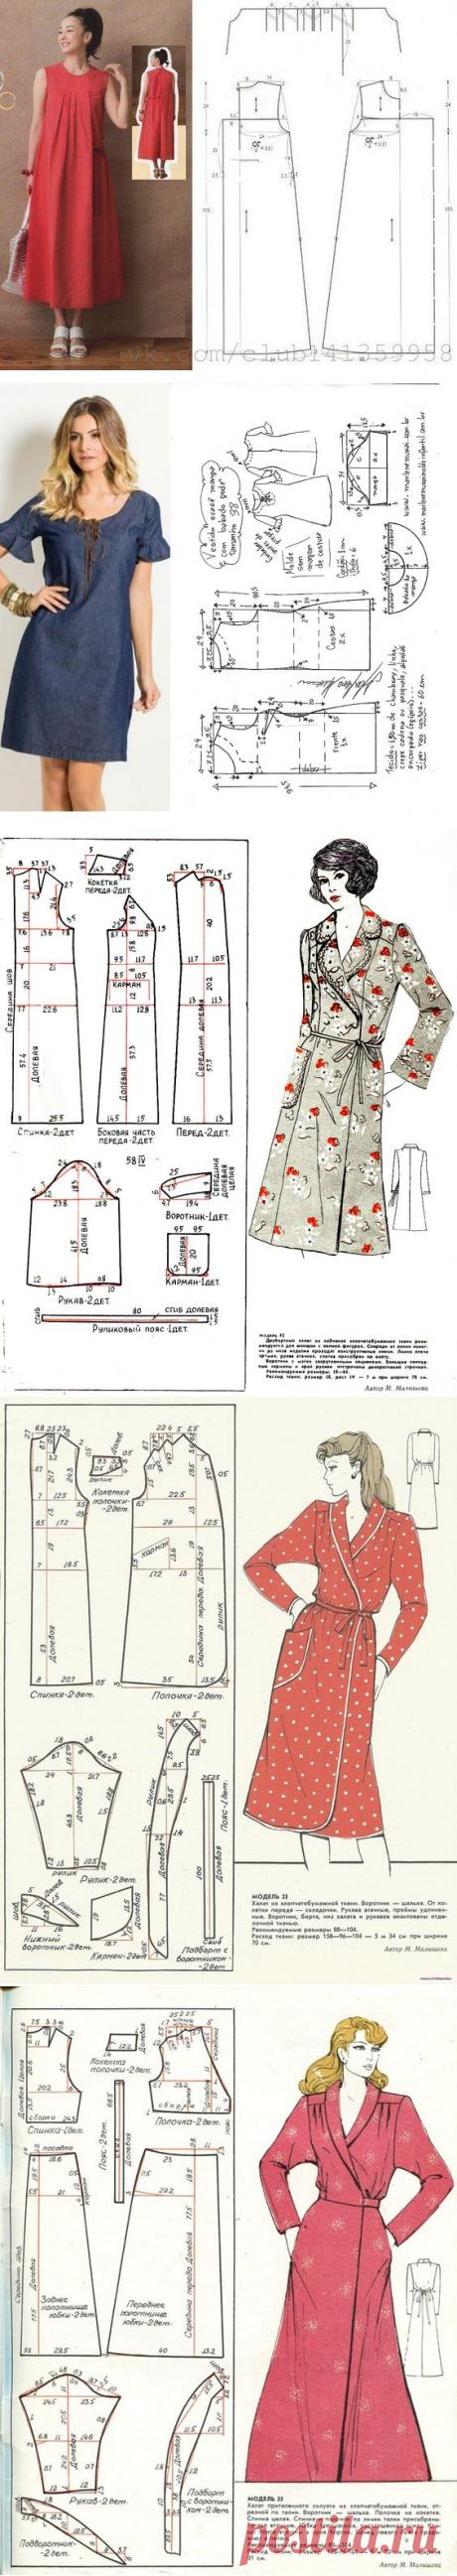 10 выкроек халатов и домашних платьев | Рукоделие